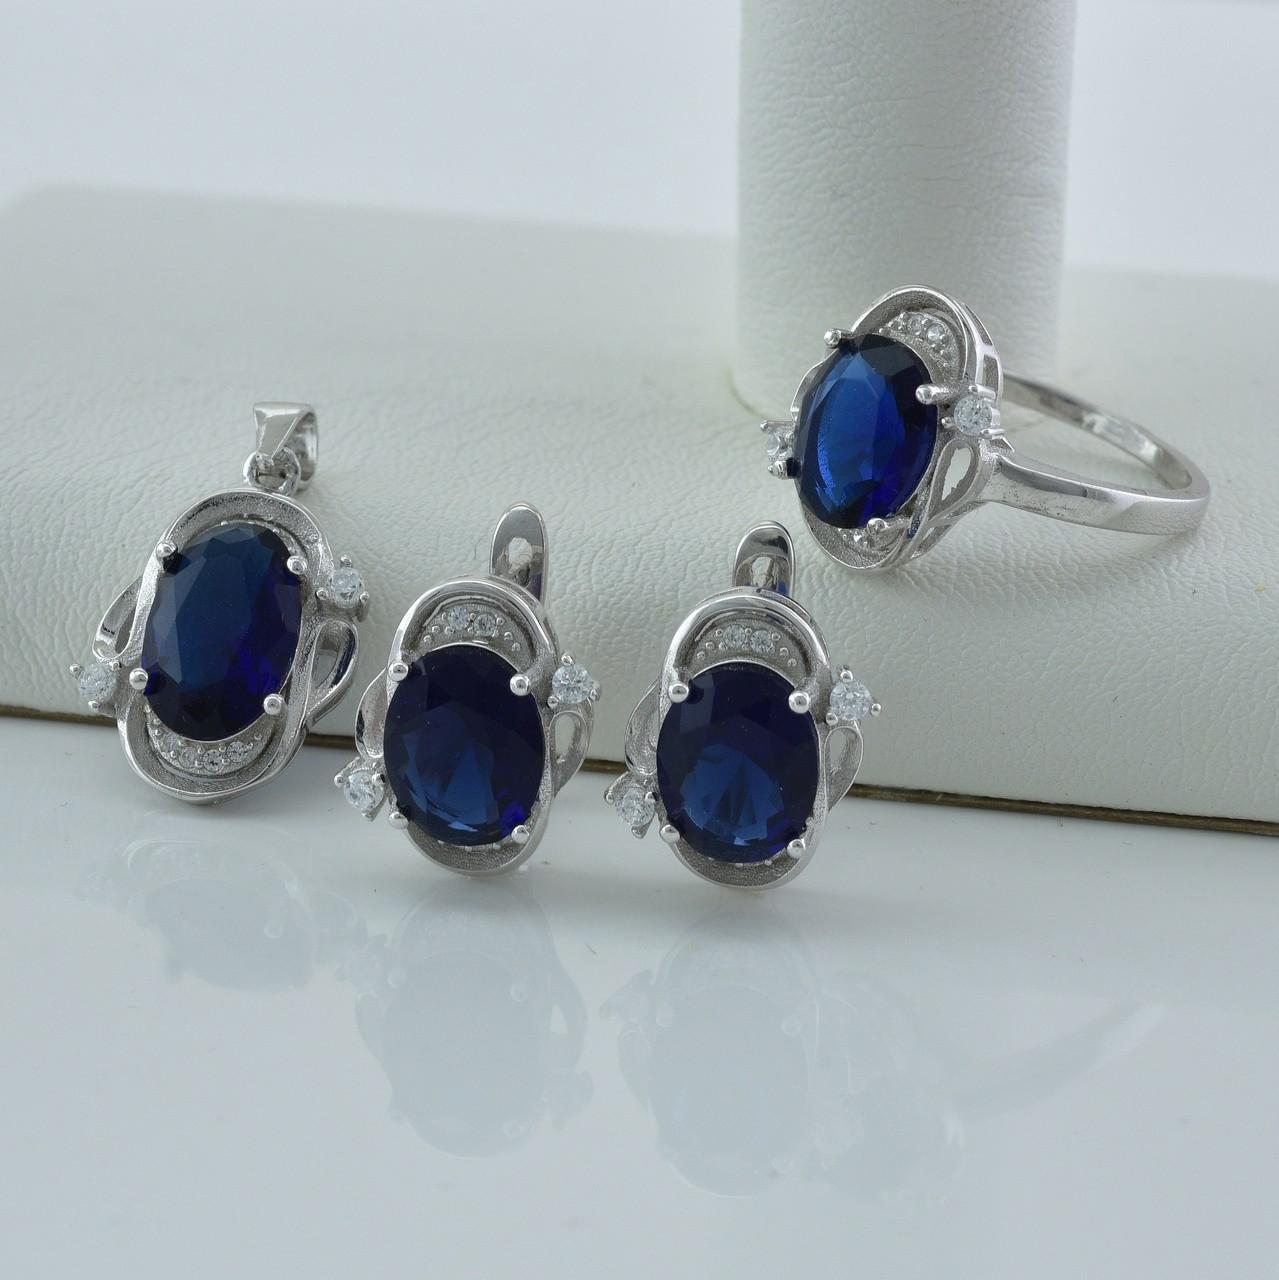 Серебряный набор кольцо размер 19 + серьги 15х10 мм + кулон 25х13 мм вставка синие фианиты